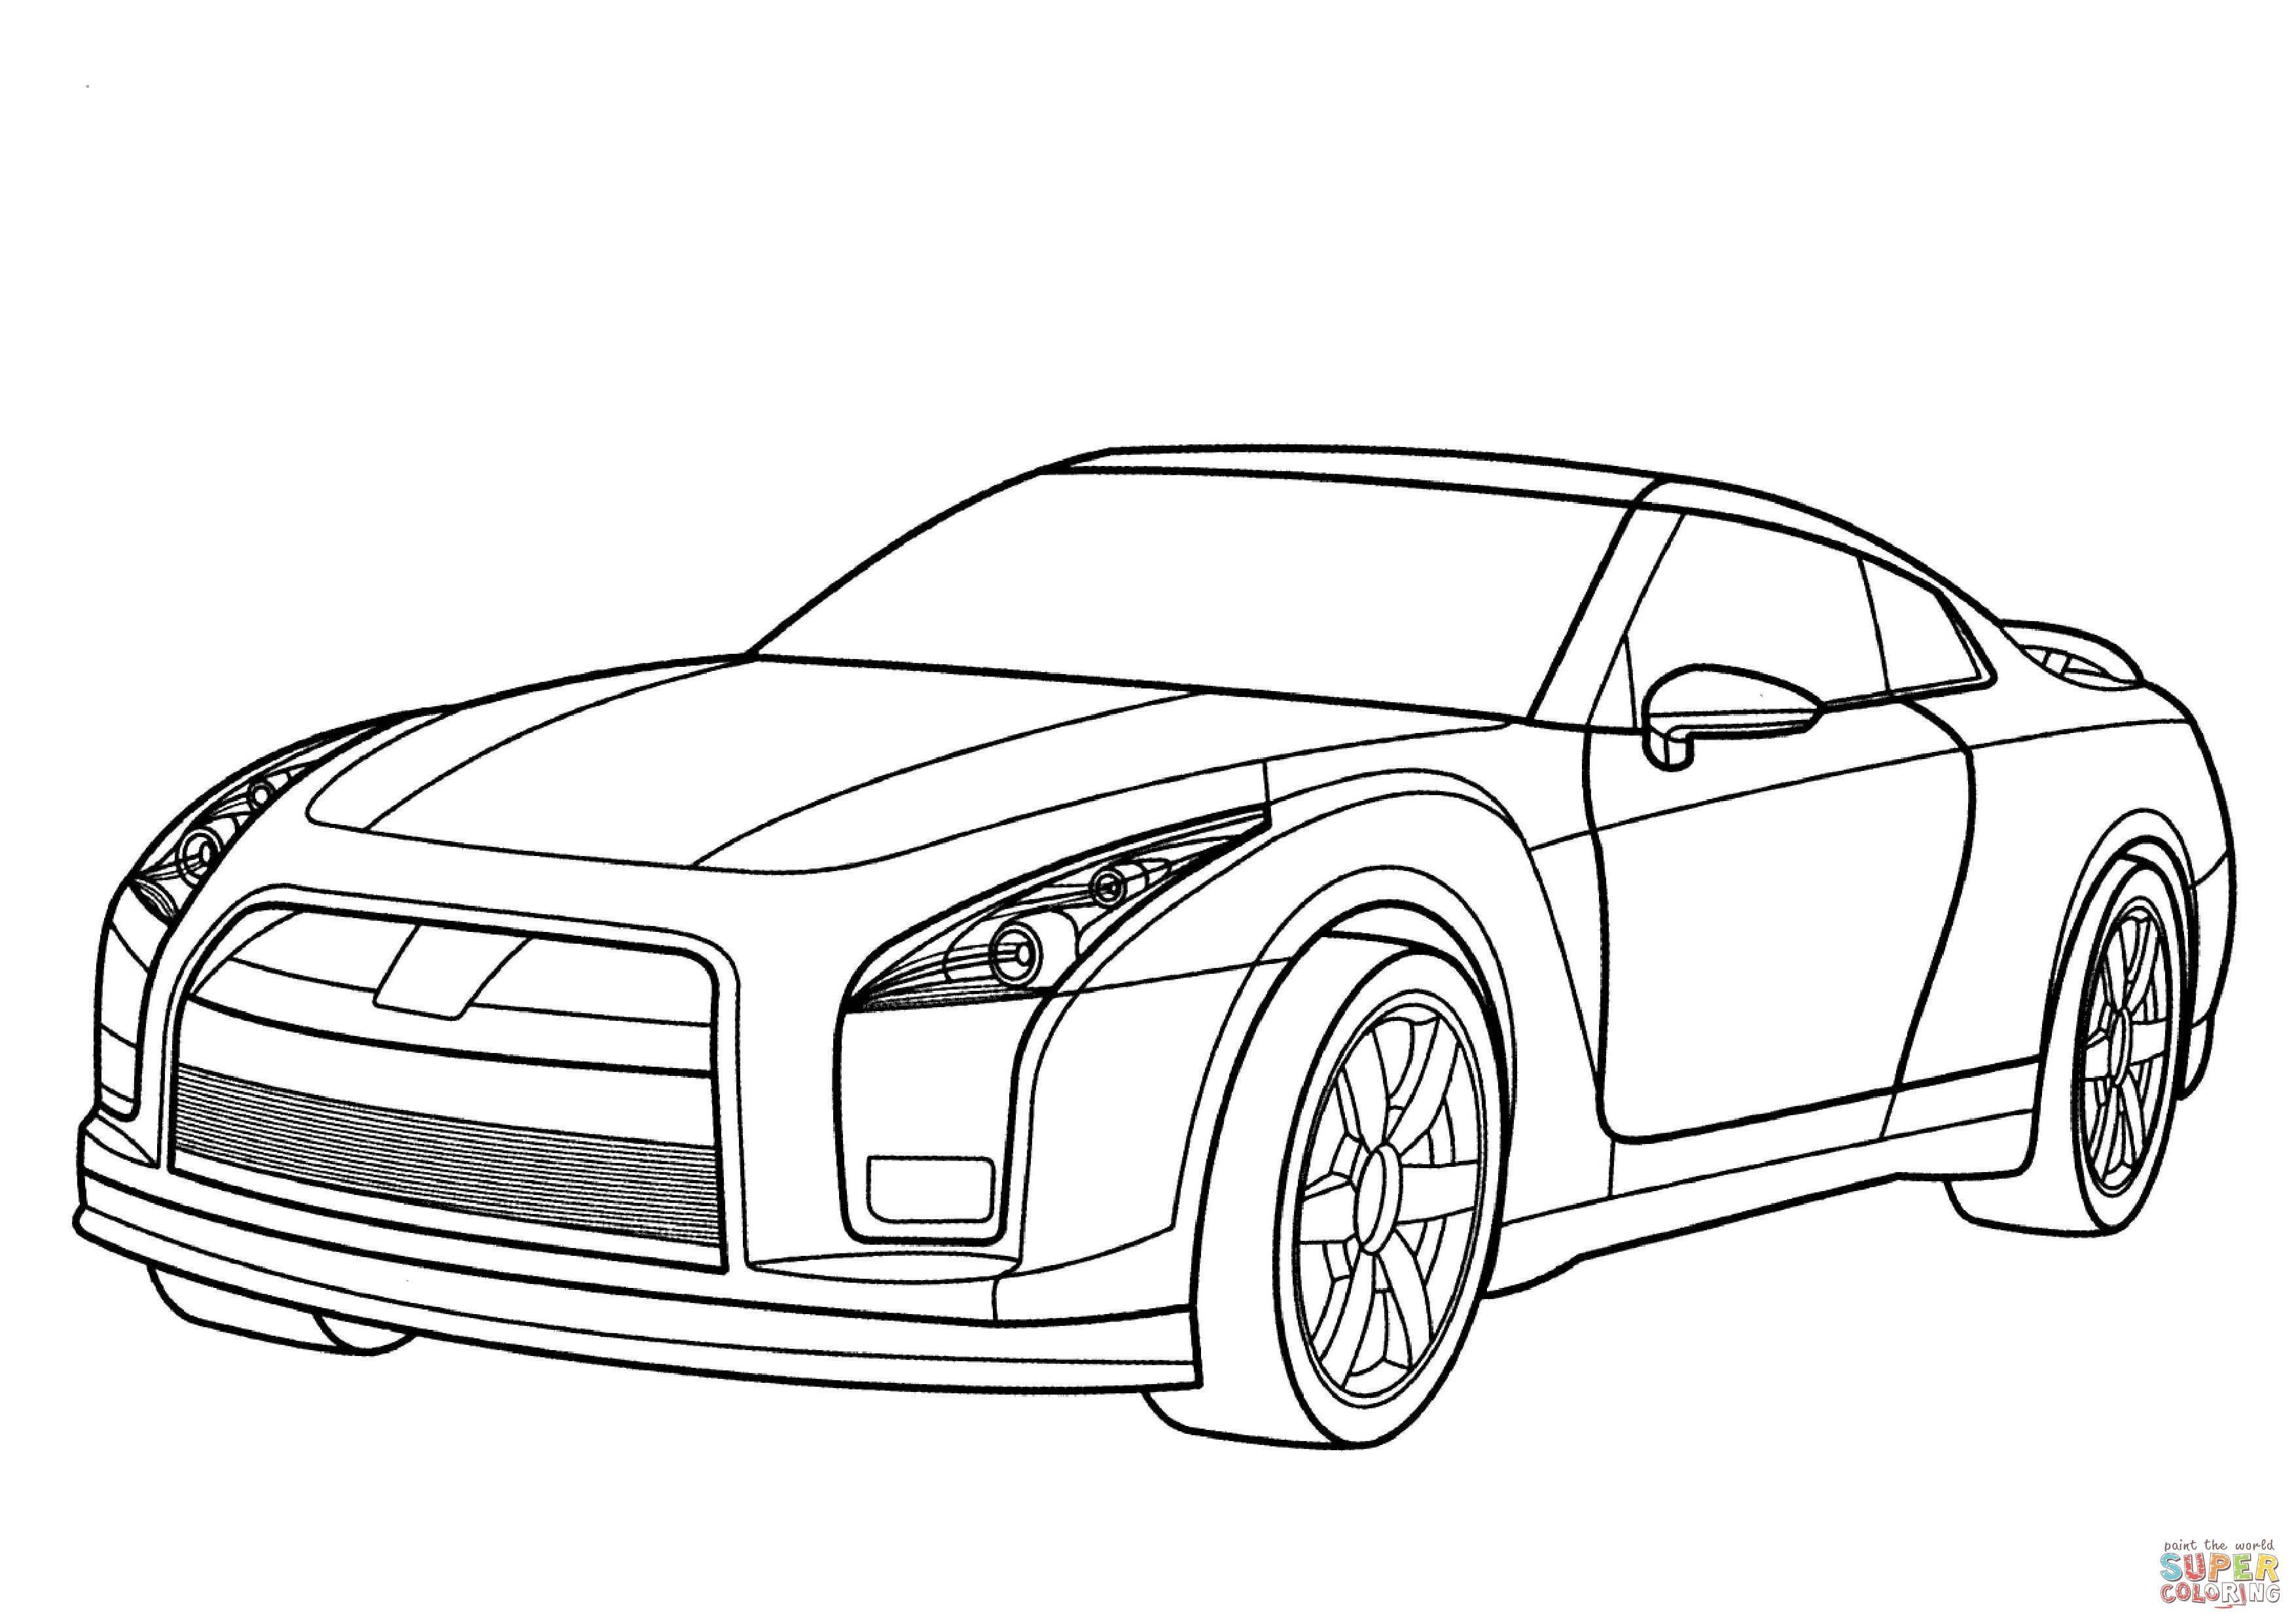 Nissan Gtr Kleurplaat Gratis Kleurplaten Printen Design Coloring